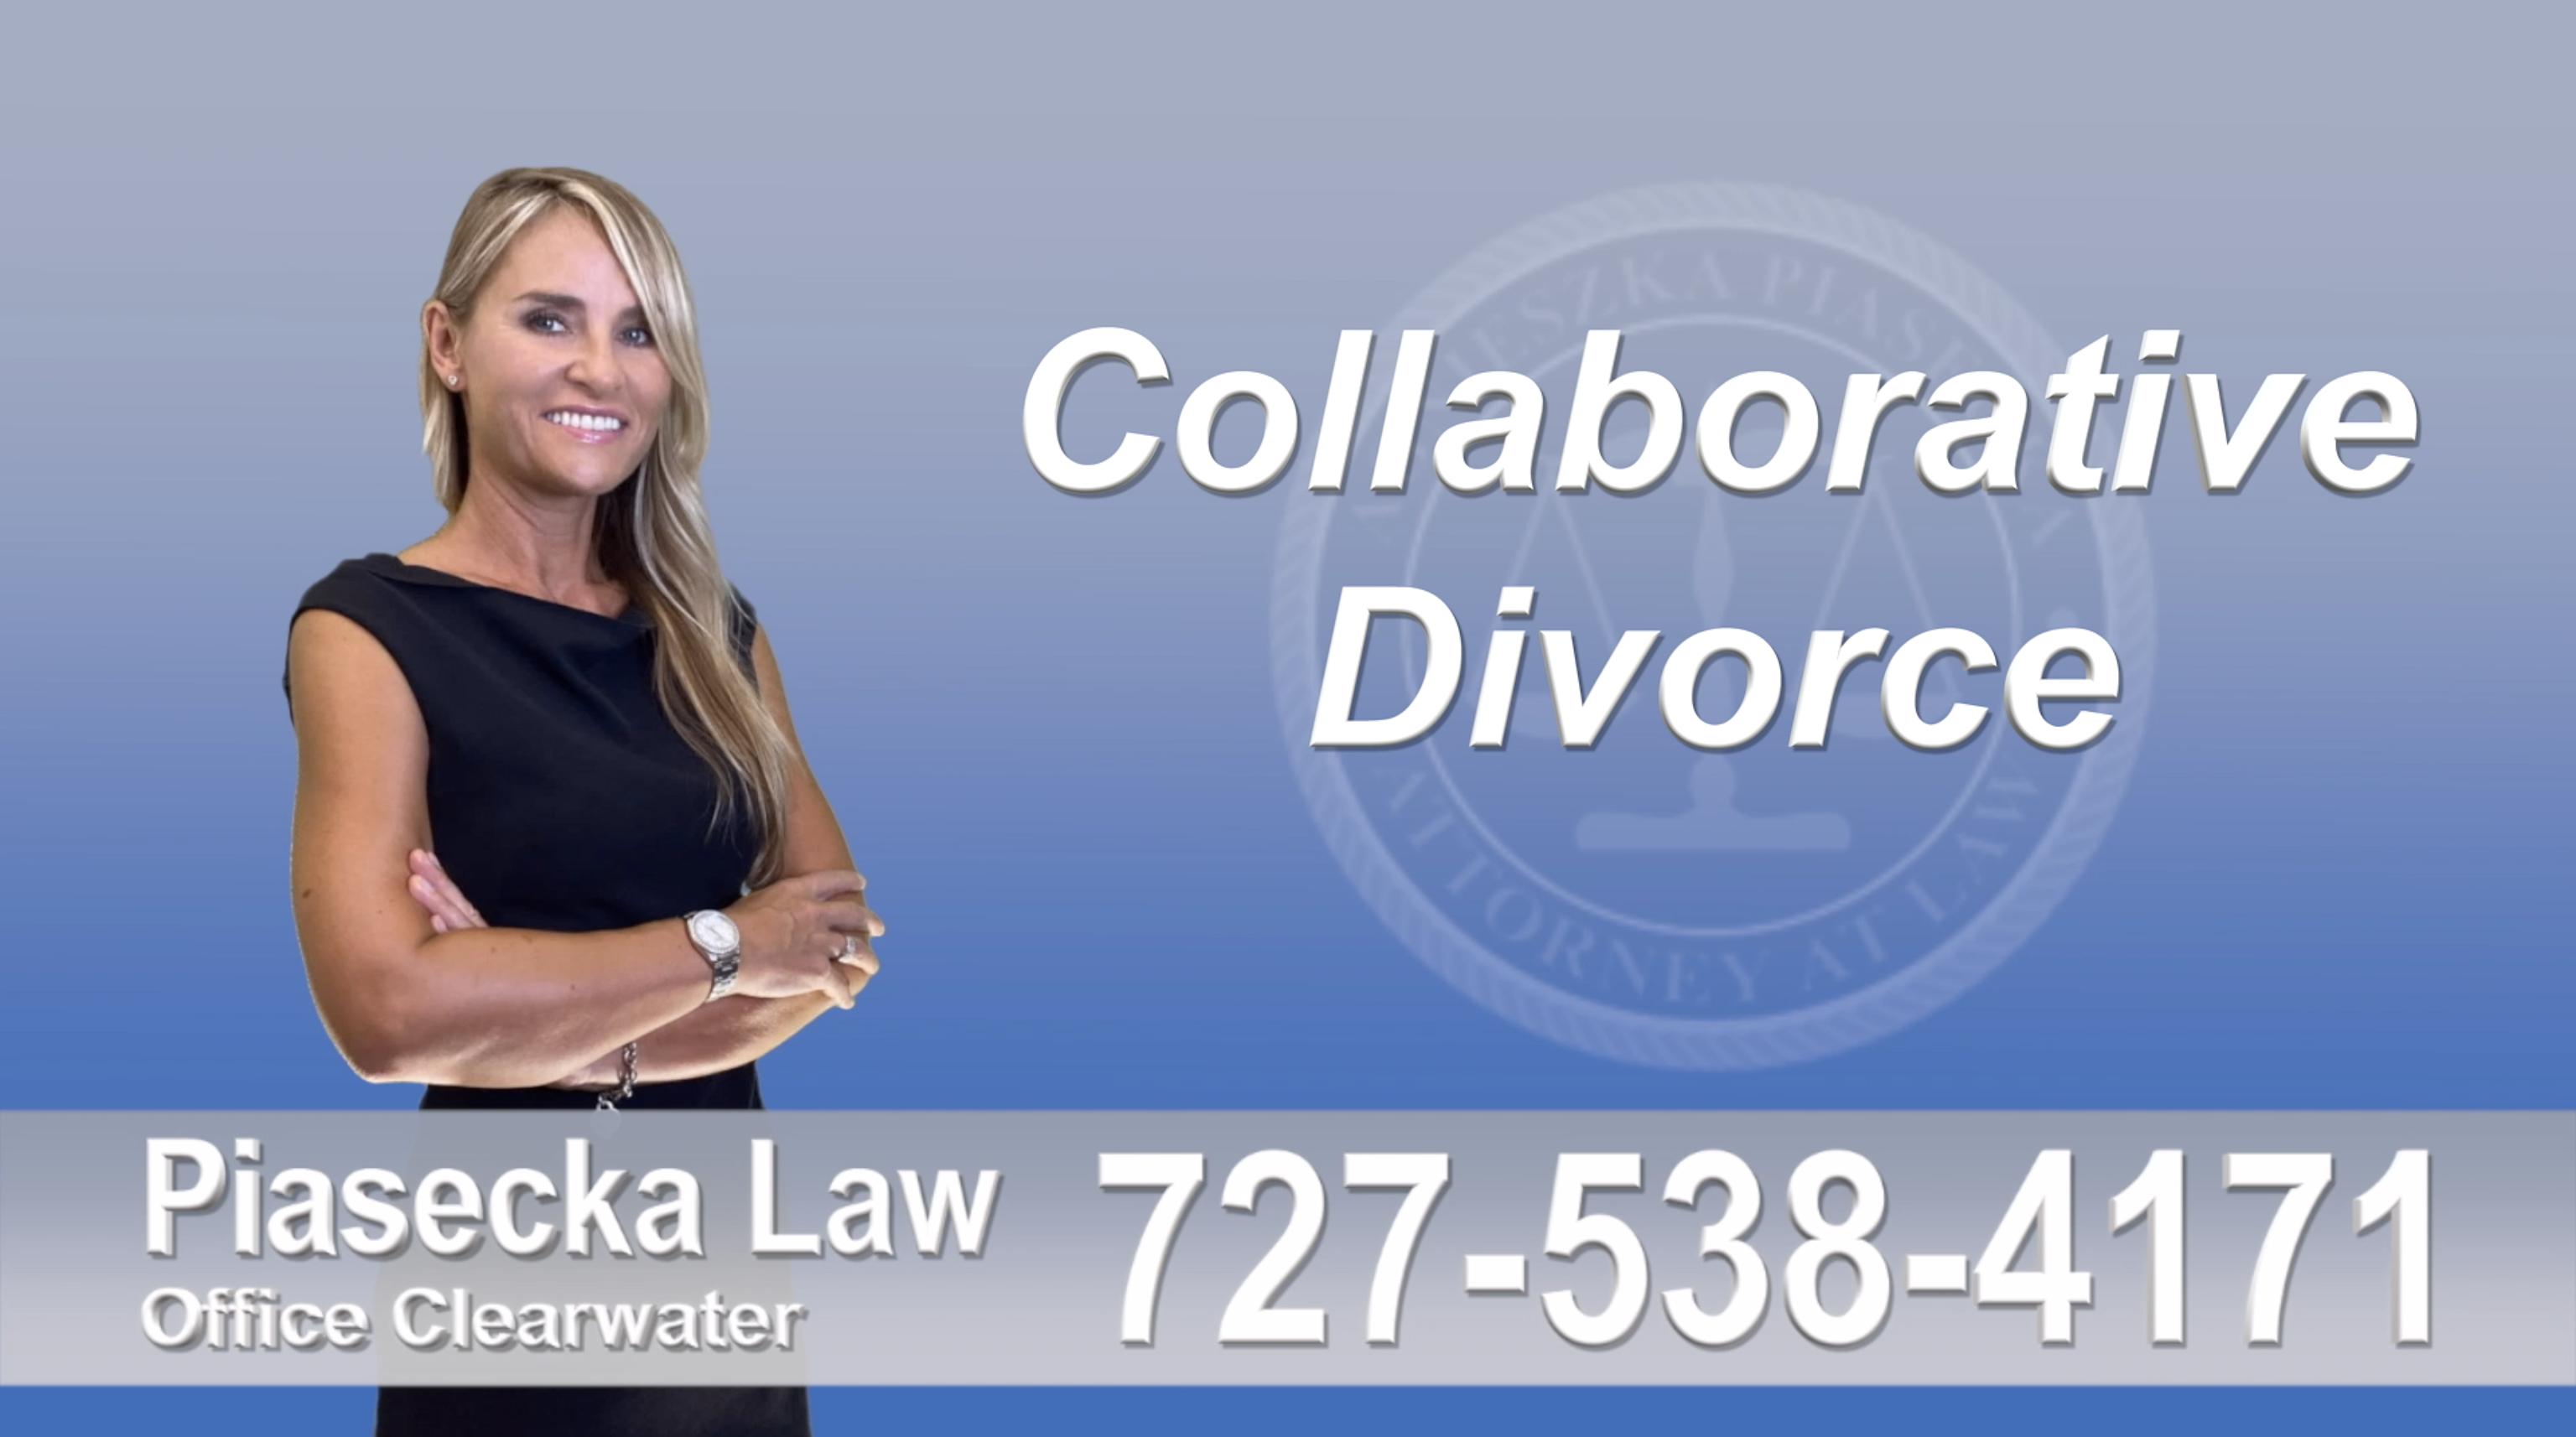 Pinellas County Collaborative, Attorney, Agnieszka, Piasecka, Prawnik, Rozwodowy, Rozwód, Adwokat, Najlepszy, Best, Divorce, Lawyer